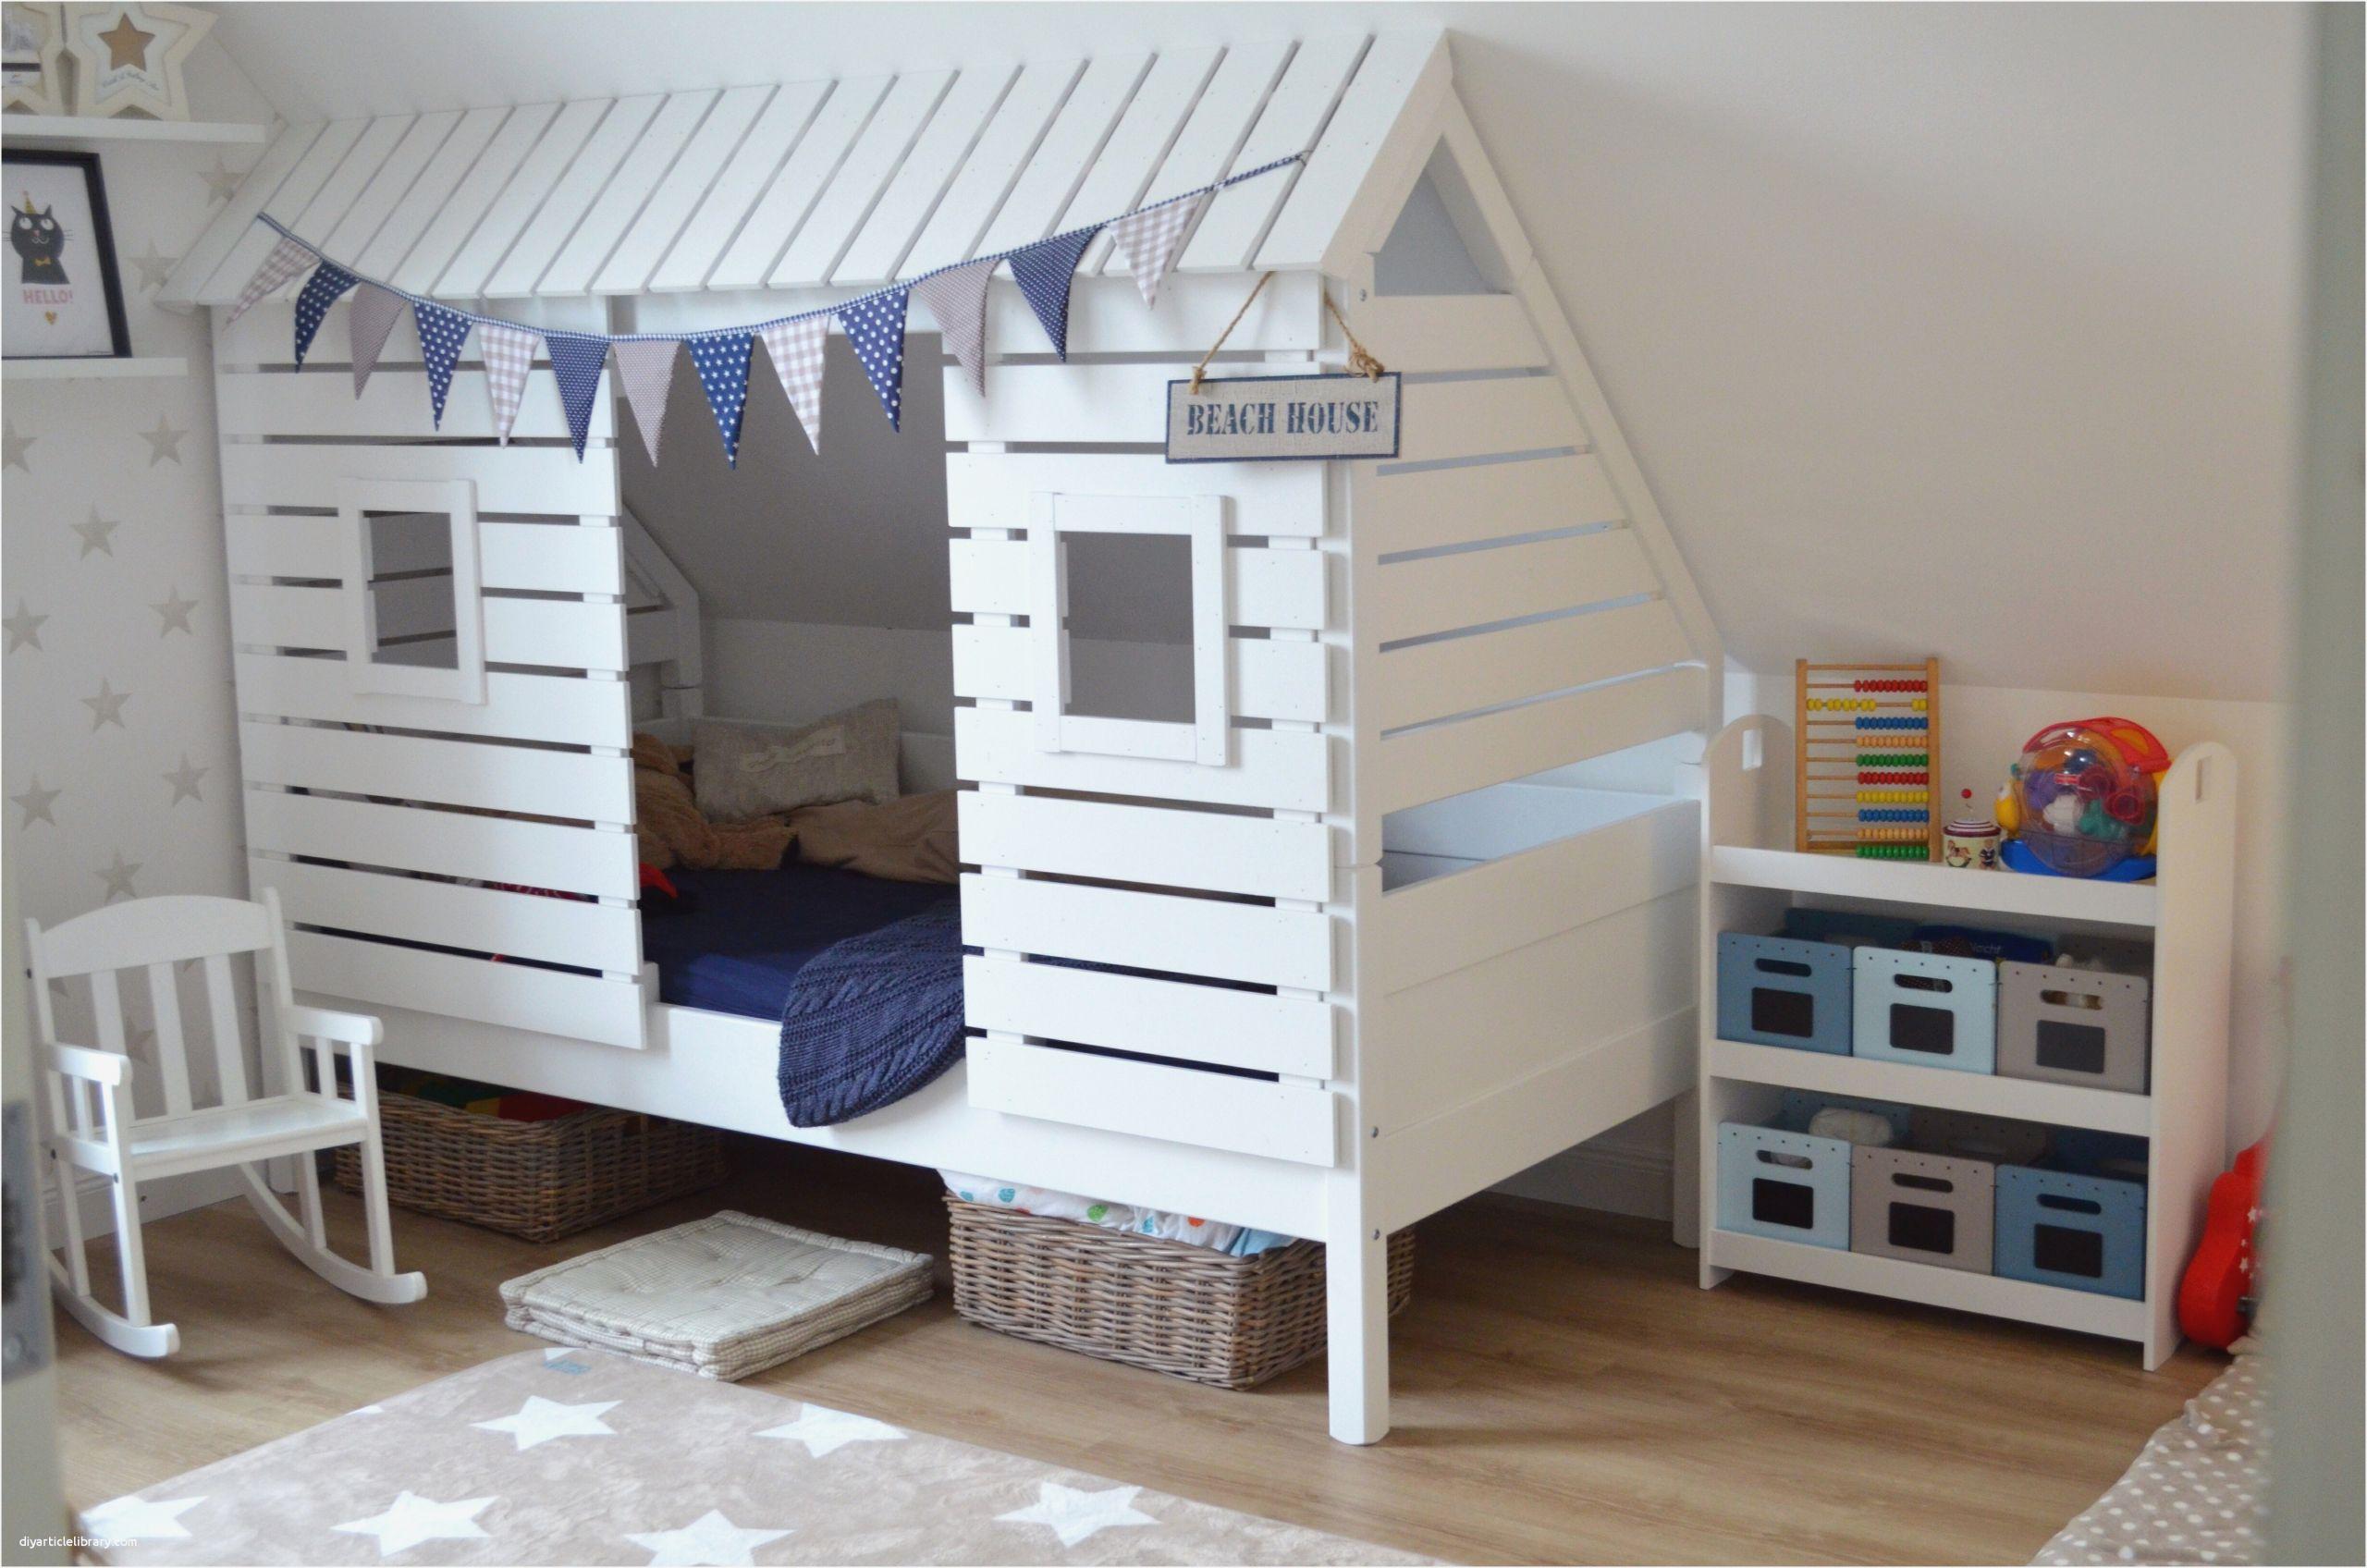 Full Size of Kinderzimmer Einrichten Junge 6 12 Traumhaus Badezimmer Regal Weiß Regale Kleine Küche Sofa Kinderzimmer Kinderzimmer Einrichten Junge